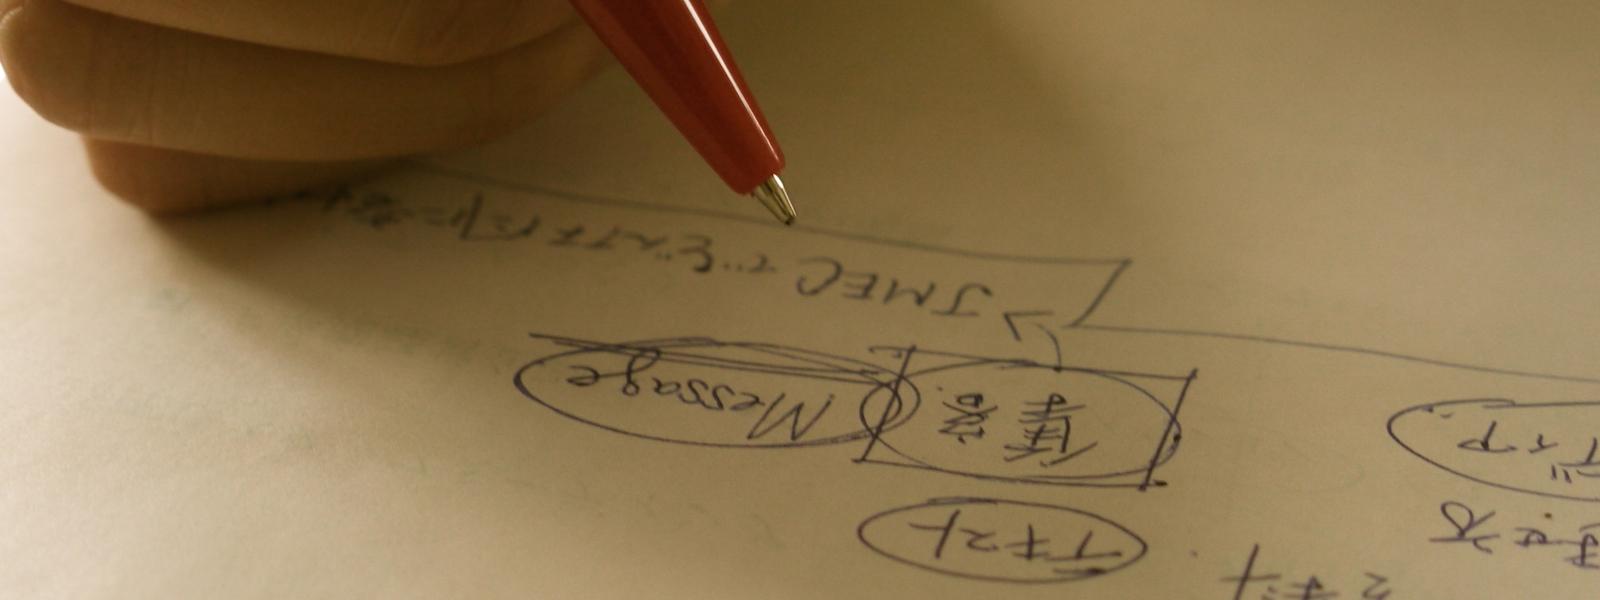 【2020年夏 大幅改定】日本ママ起業家大学 カリキュラム